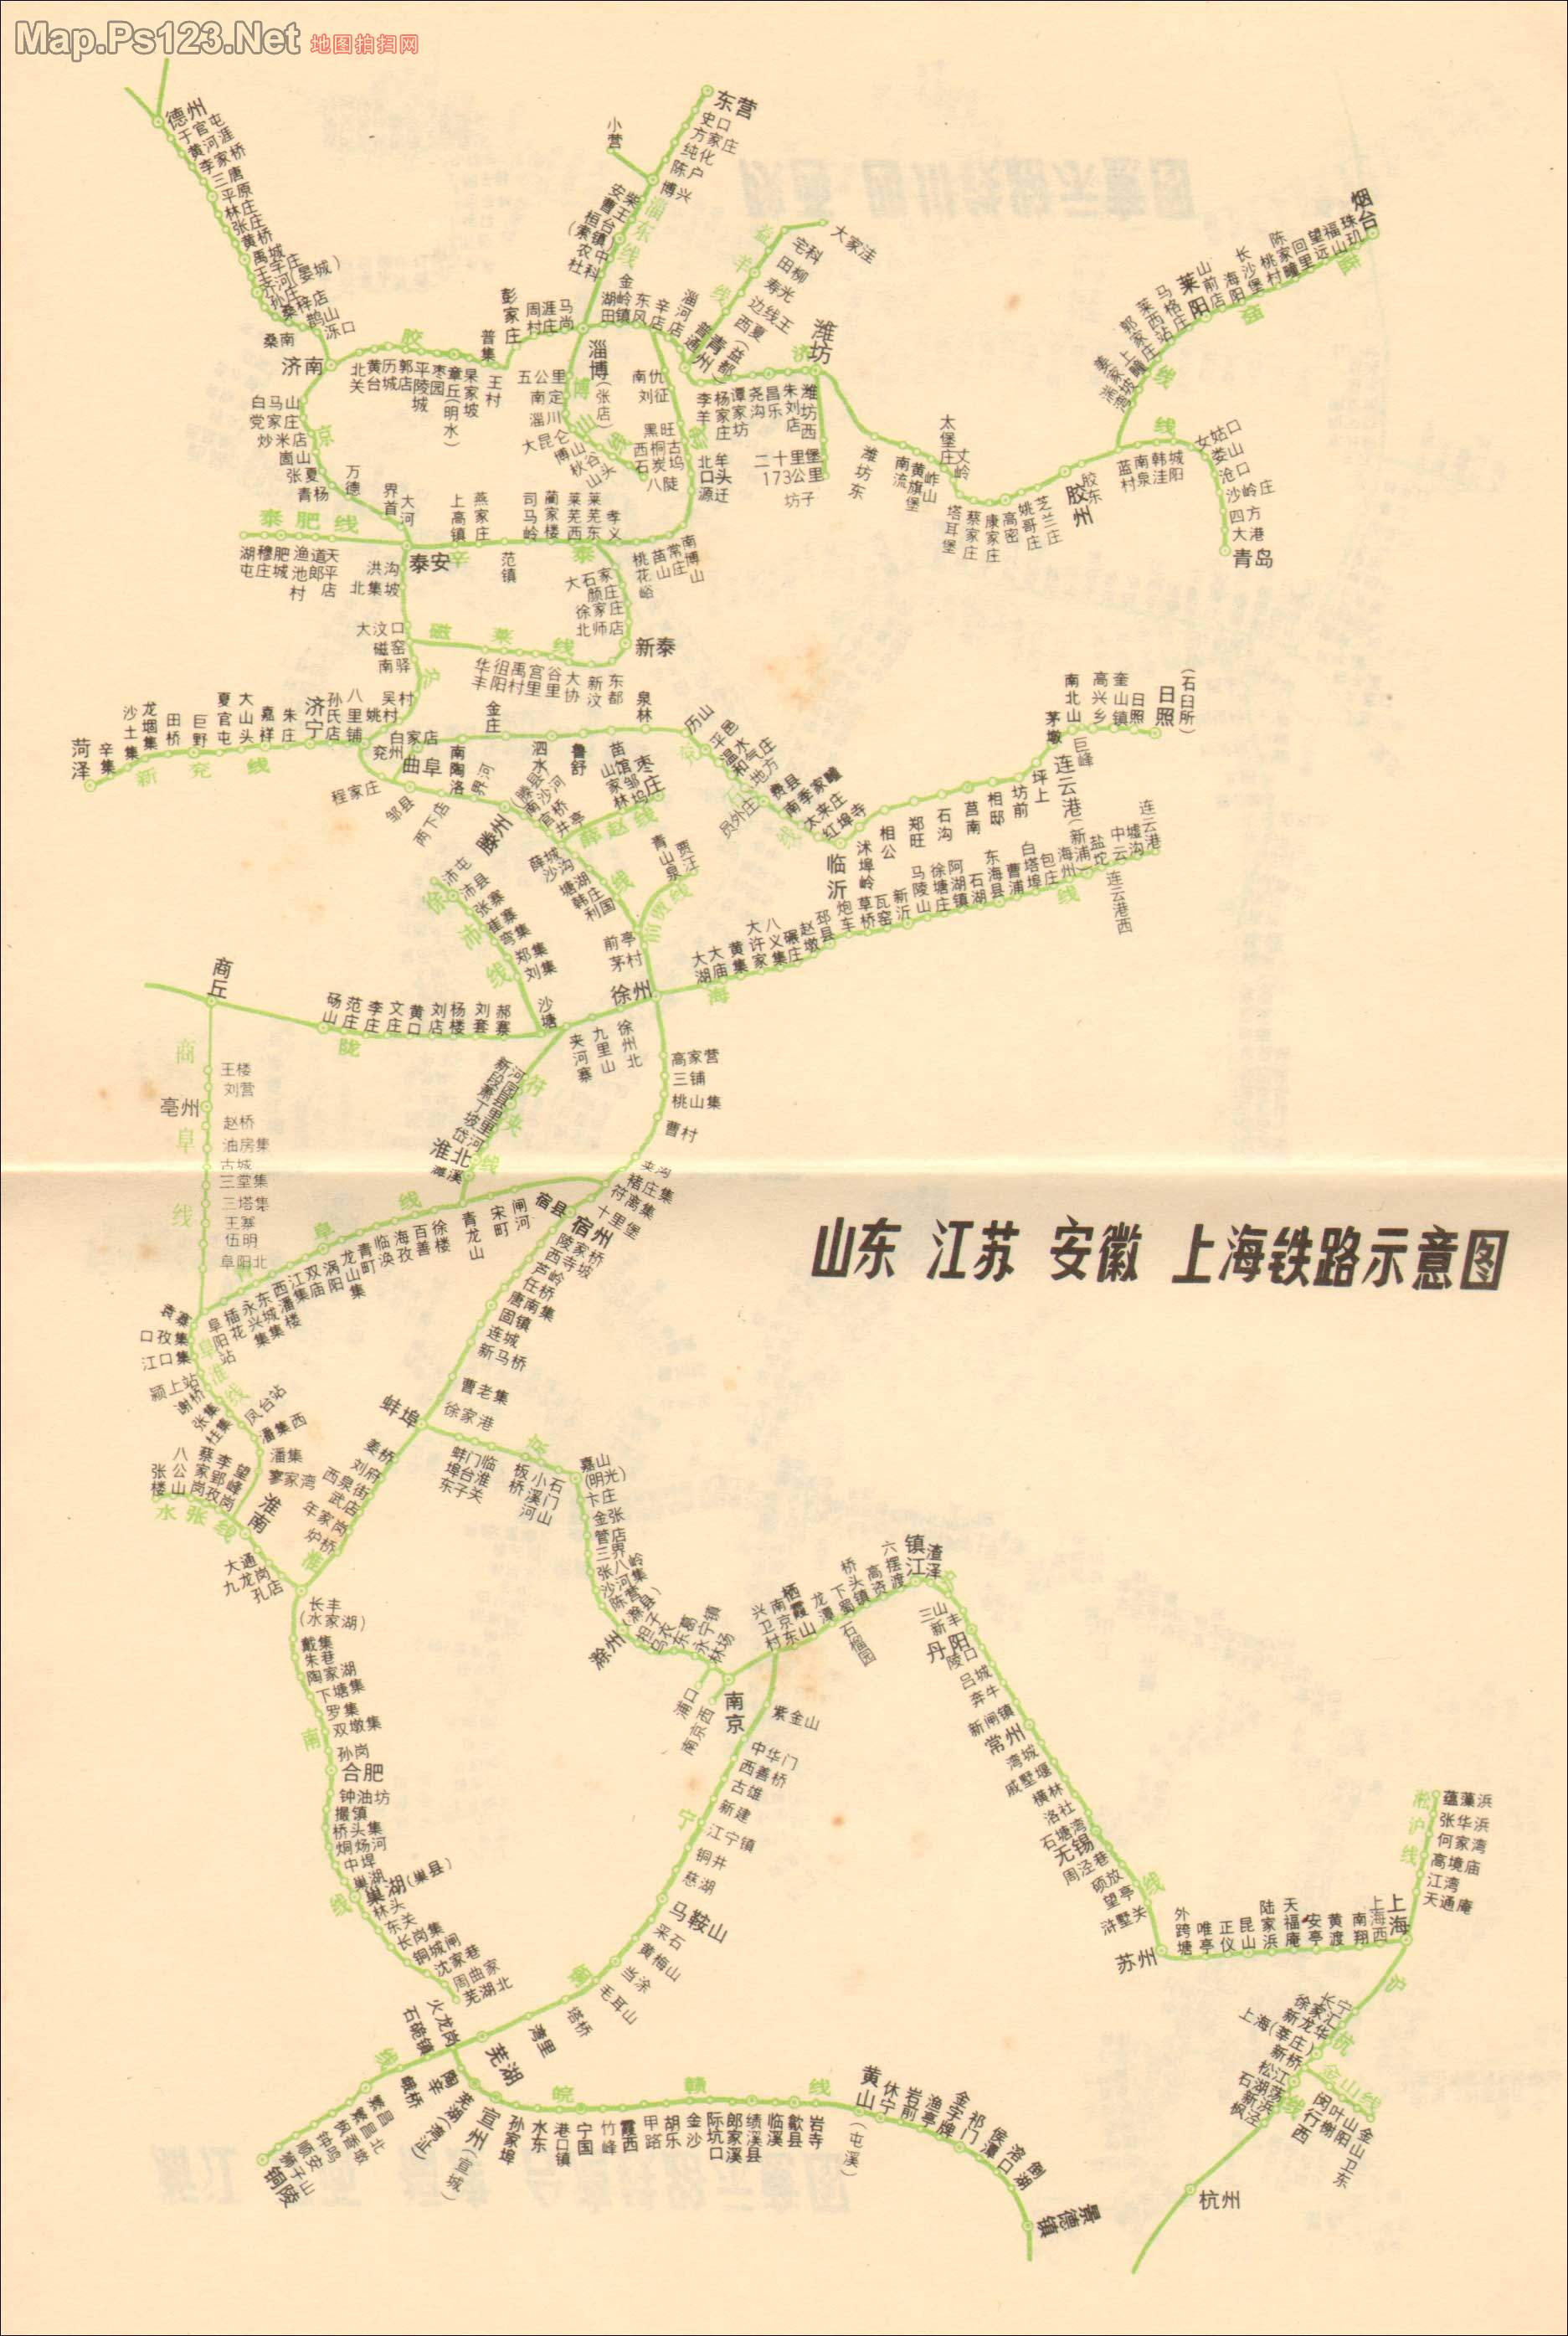 山东江苏 安徽 上海 铁路线路图 交通地图库高清图片